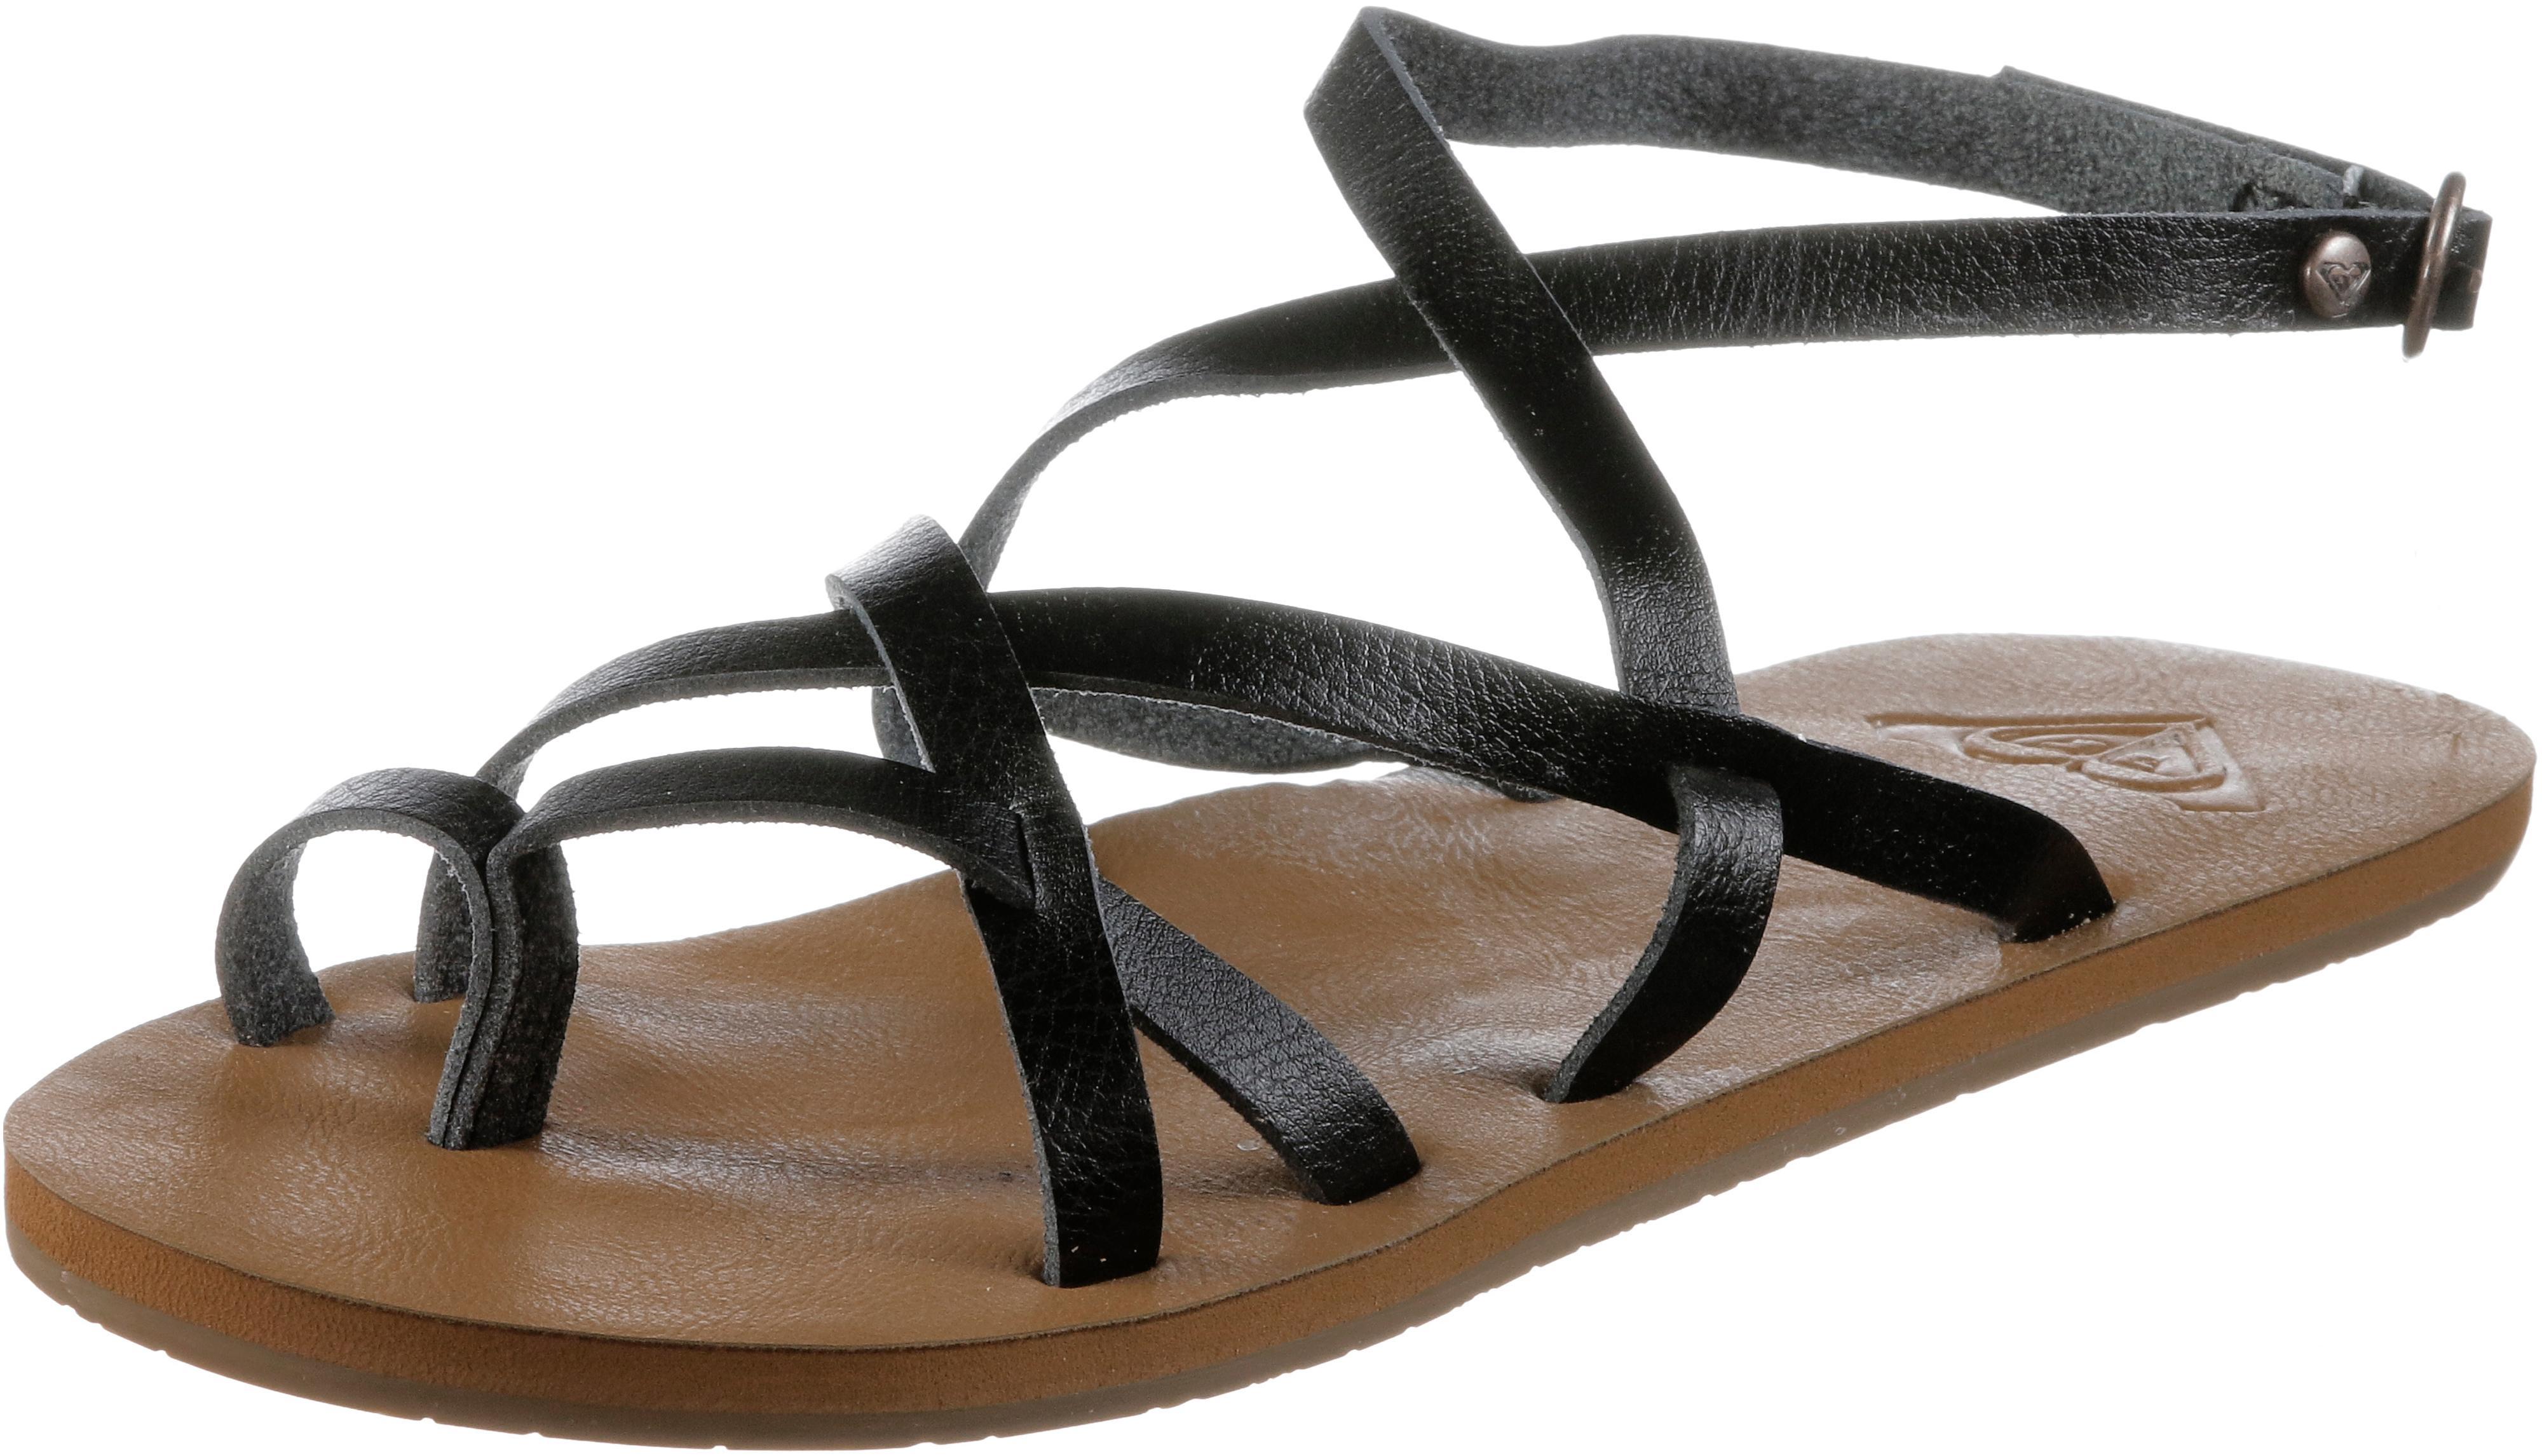 Roxy JULIA Sandalen Damen BLACK im Online Shop Shop Shop von SportScheck kaufen Gute Qualität beliebte Schuhe 4c368f